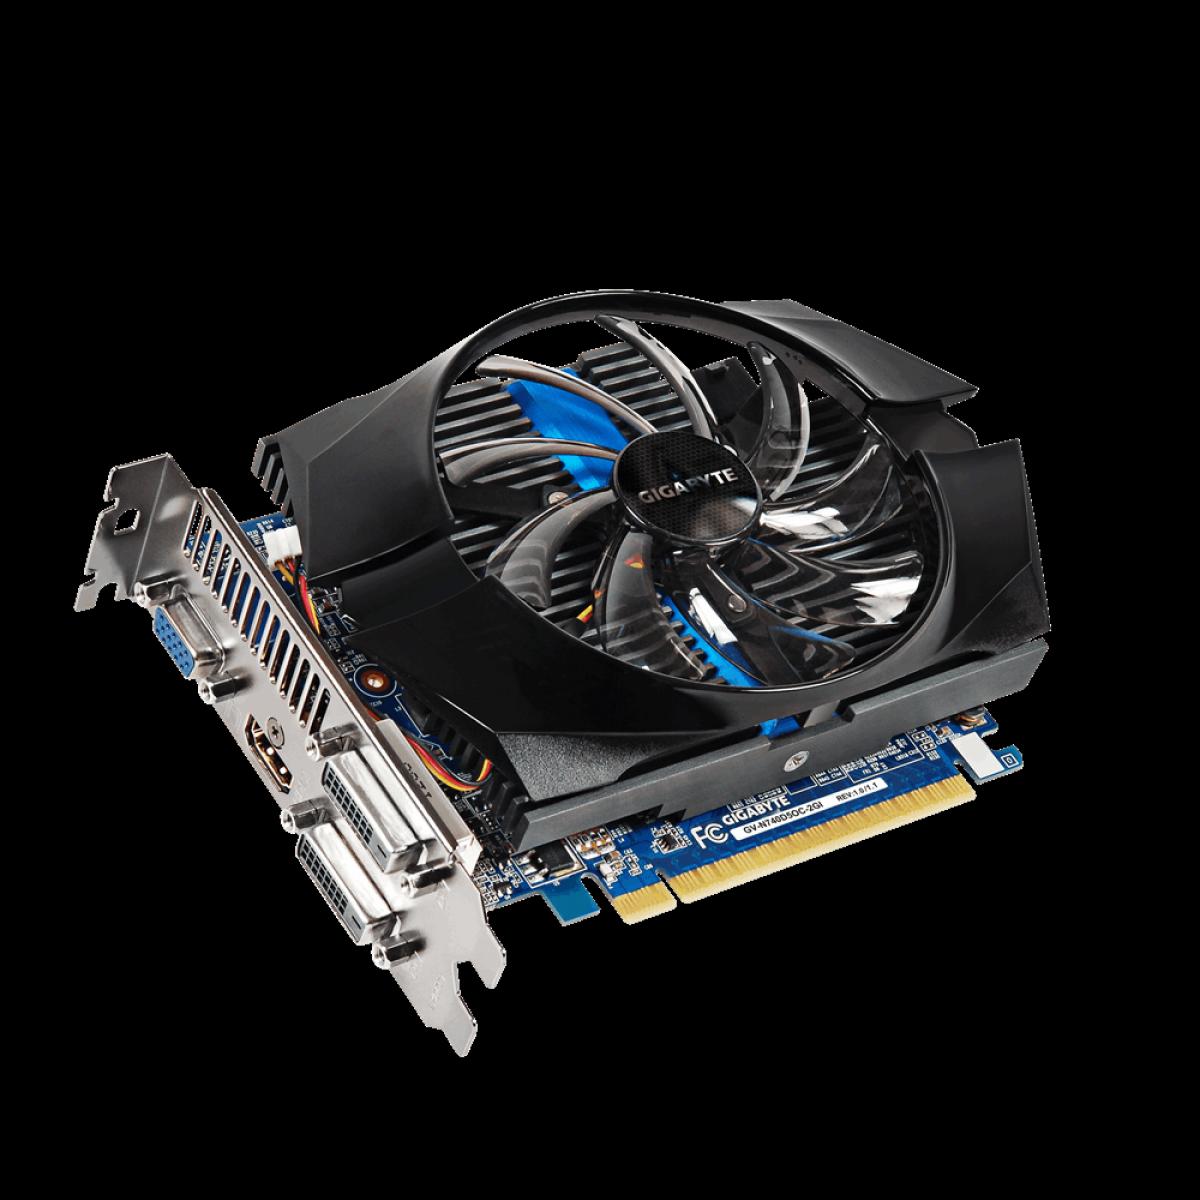 Placa de Vídeo Gigabyte GeForce GT 740, 2GB, GDDR5, 128bit, GV-N740D5OC-2GI